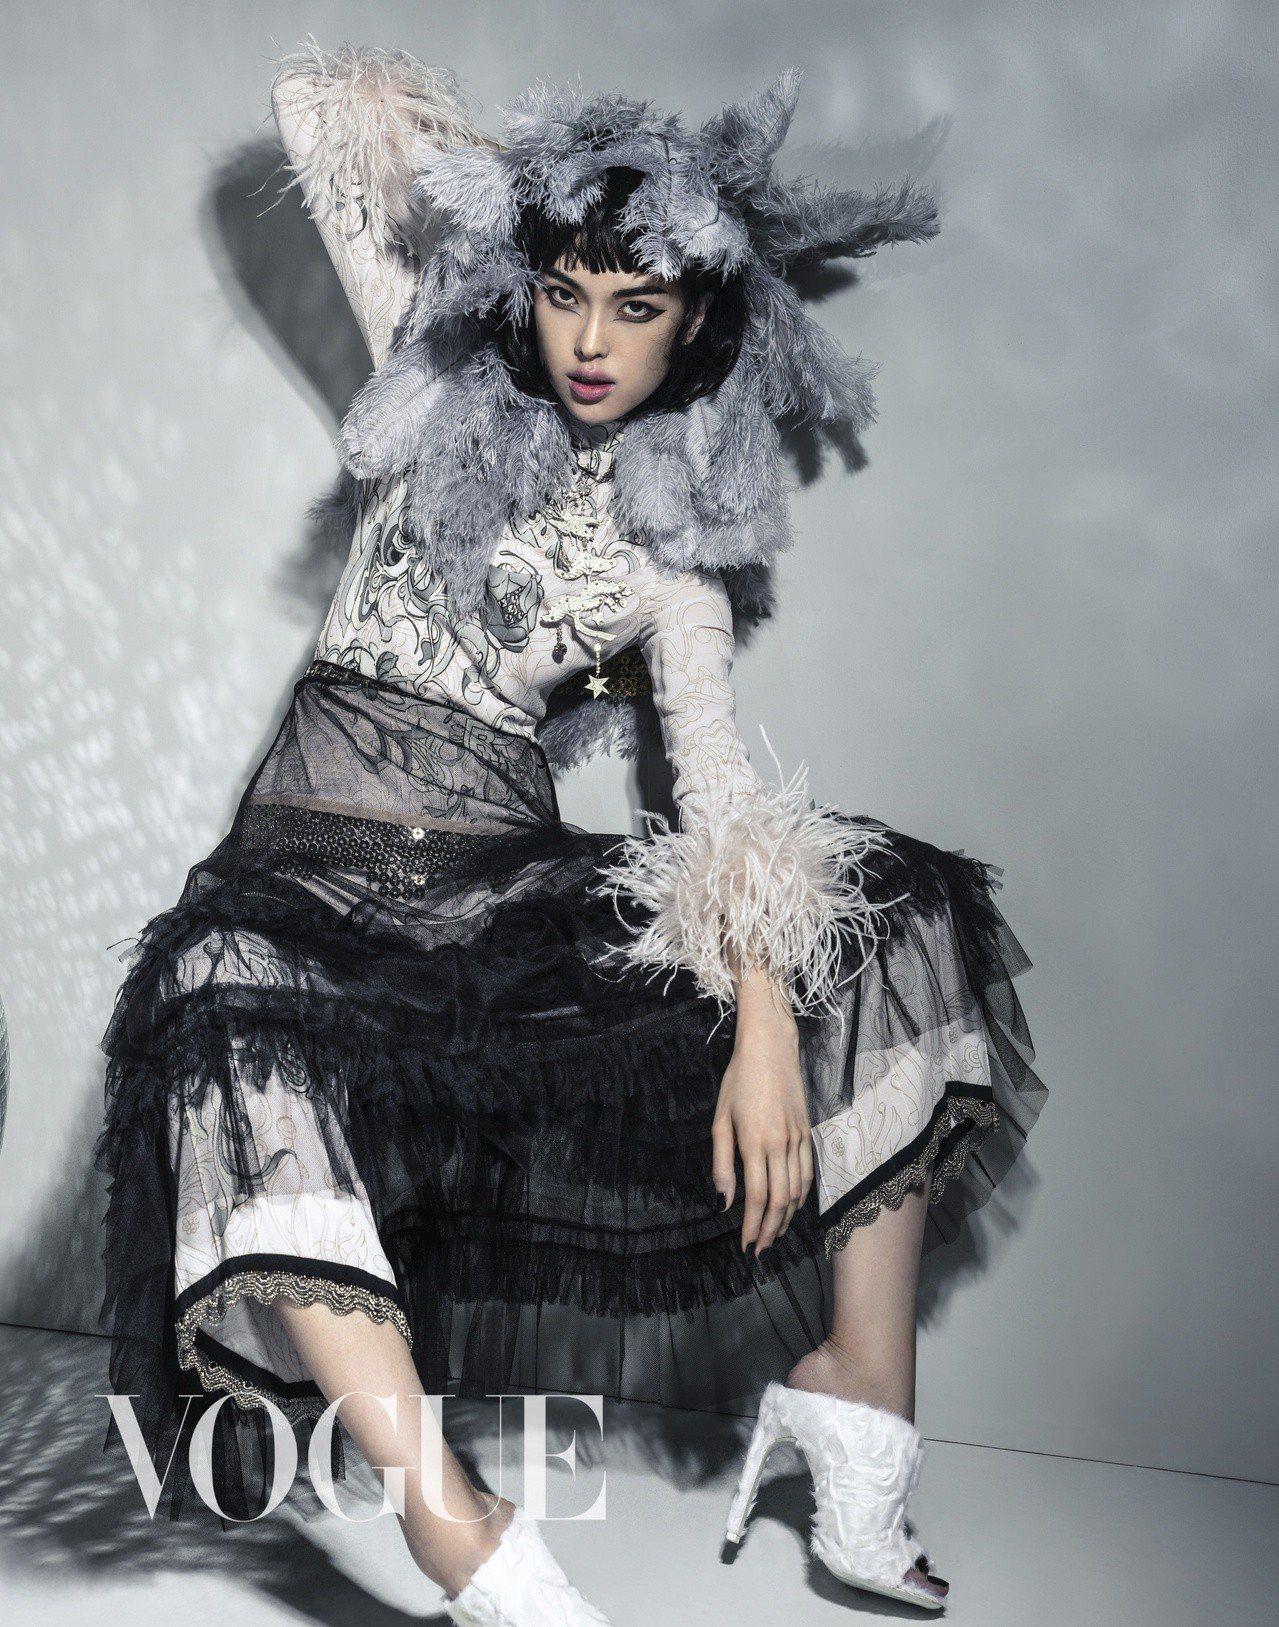 羽毛裙、粉色印花上衣、緞面長褲(All by Prada)項鍊、黑色長紗裙(...